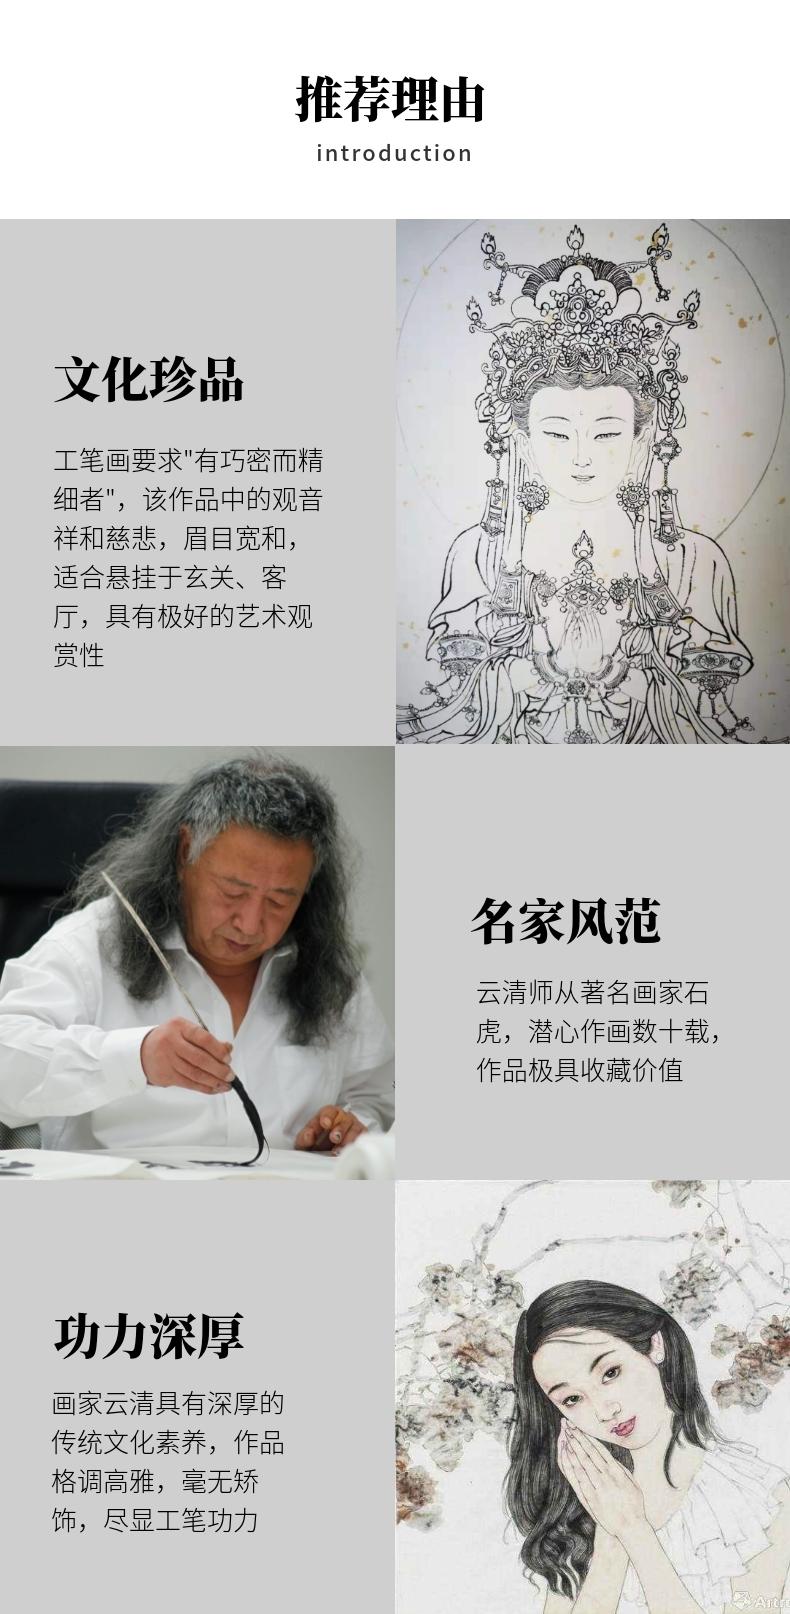 画家雲清工笔画作品《观音》